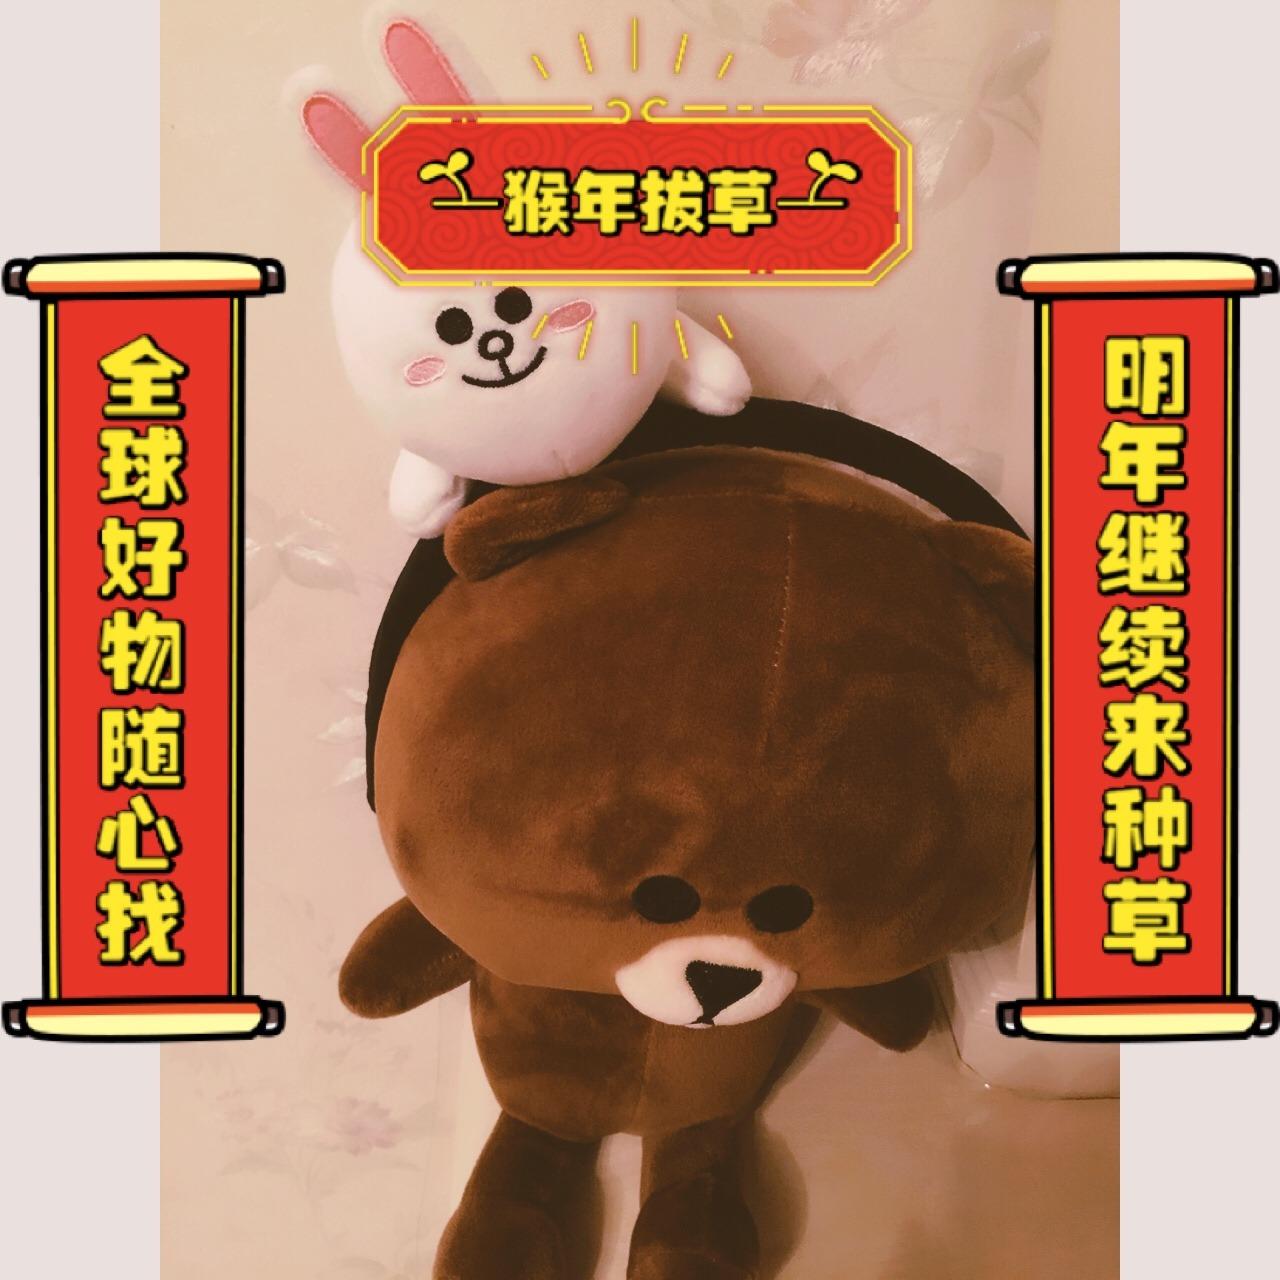 friends布朗熊可妮兔 敲喜欢滴 最稀饭可妮兔  好少女心哈哈 泥萌尼